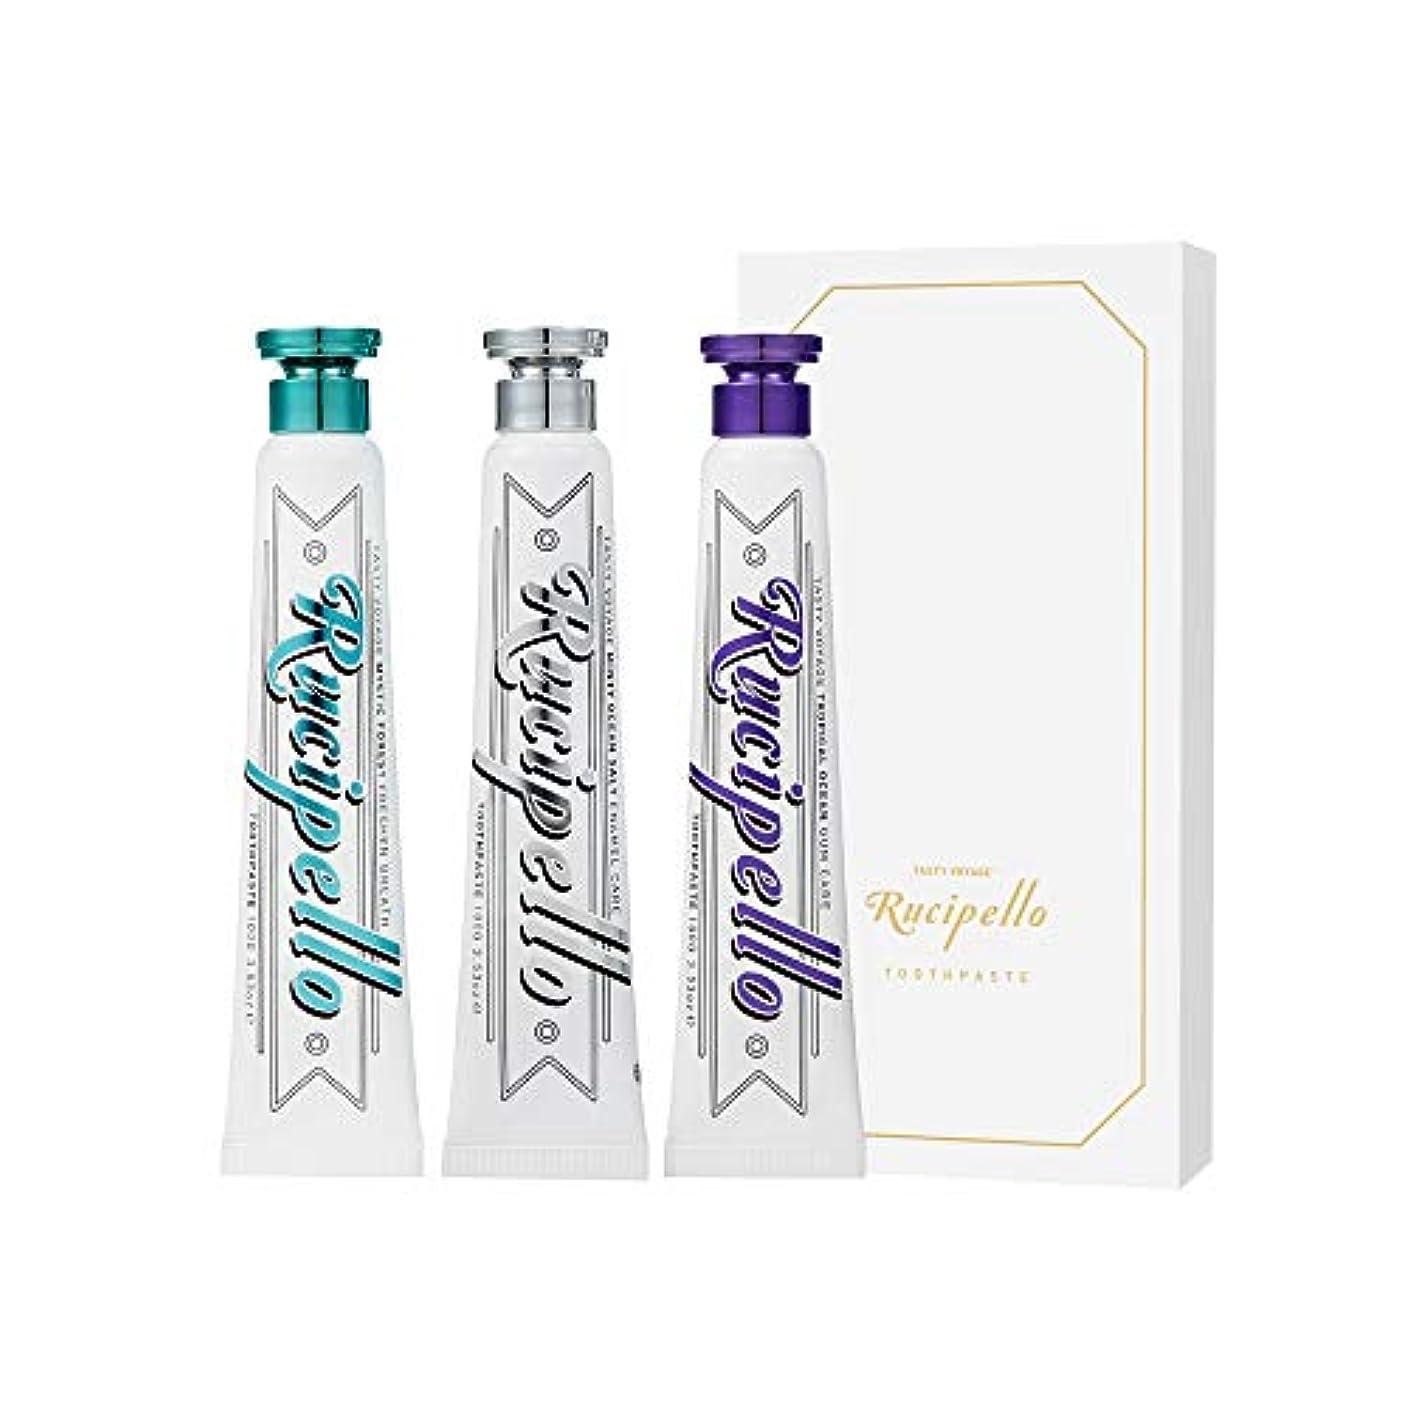 儀式知覚男性[ルチペッロ] Rucipello 歯磨き粉3種のプレゼントセット 100g x 3 本 (海外直送品)